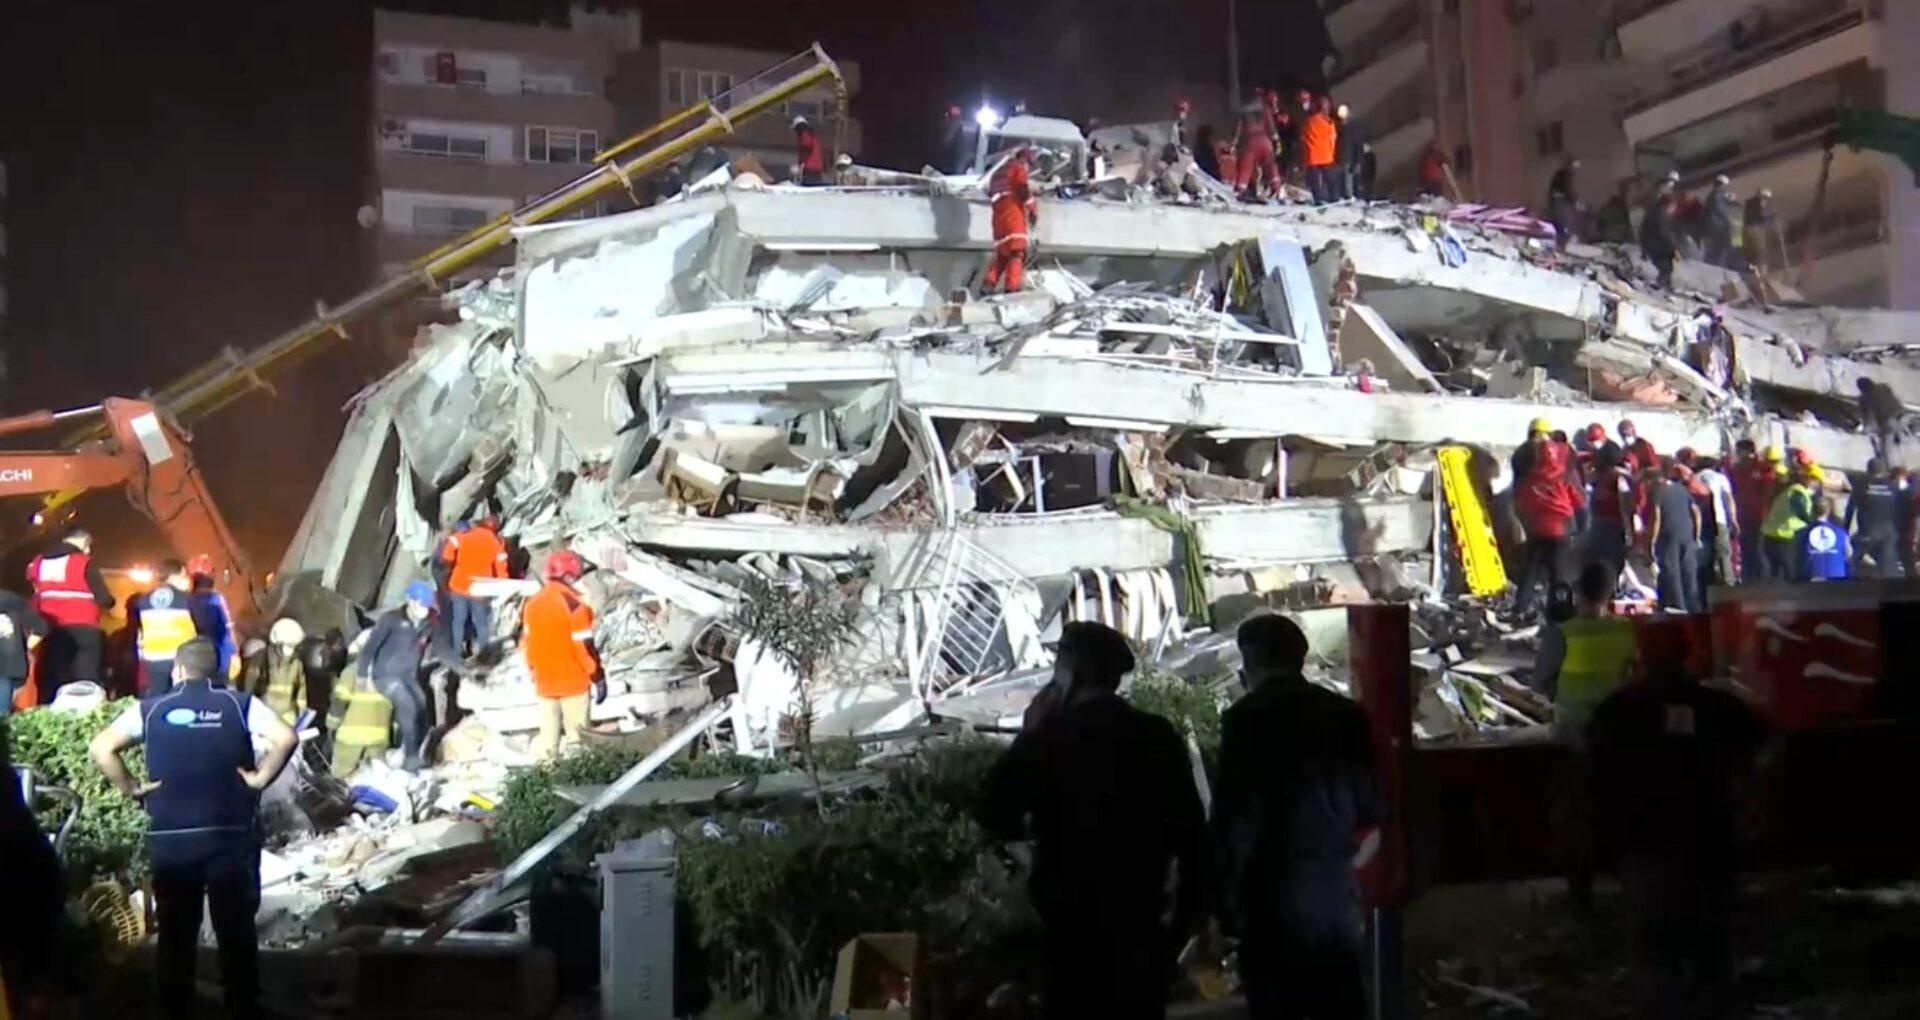 VIDEO/ Cutremur în Turcia și Grecia. 14 morți și 419 răniți, după ce mai multe clădiri s-au prăbușit